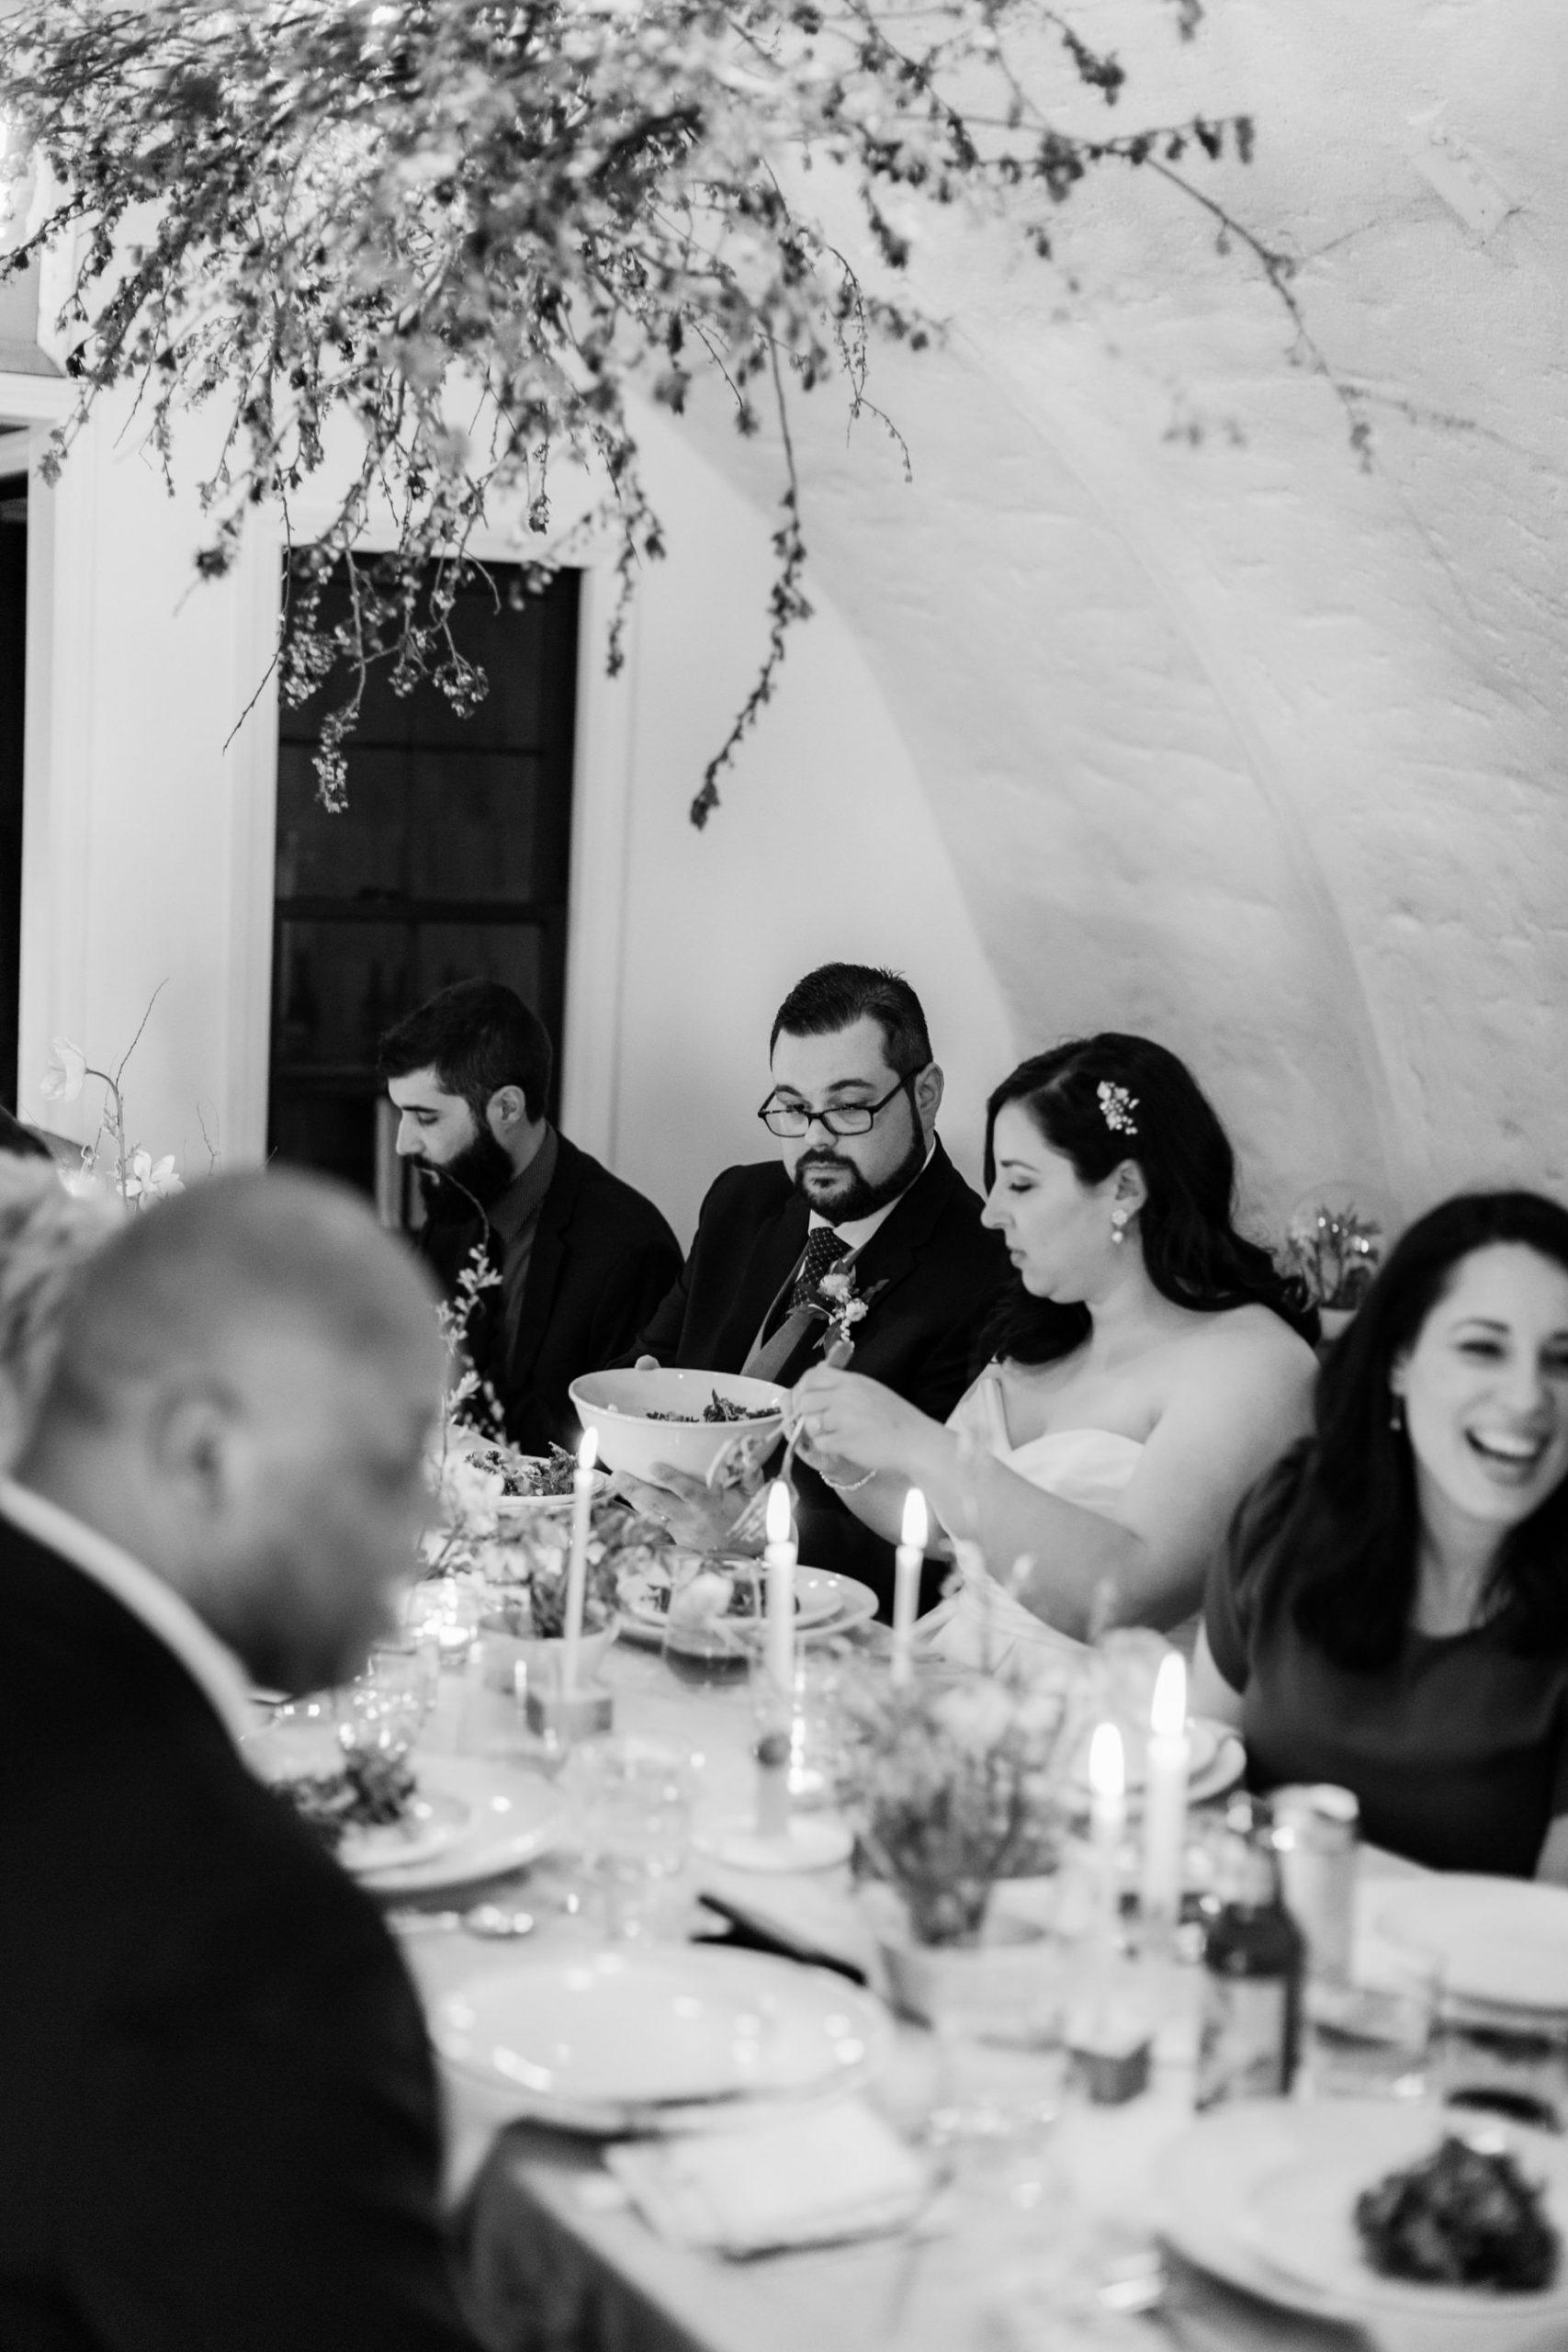 micro wedding venues